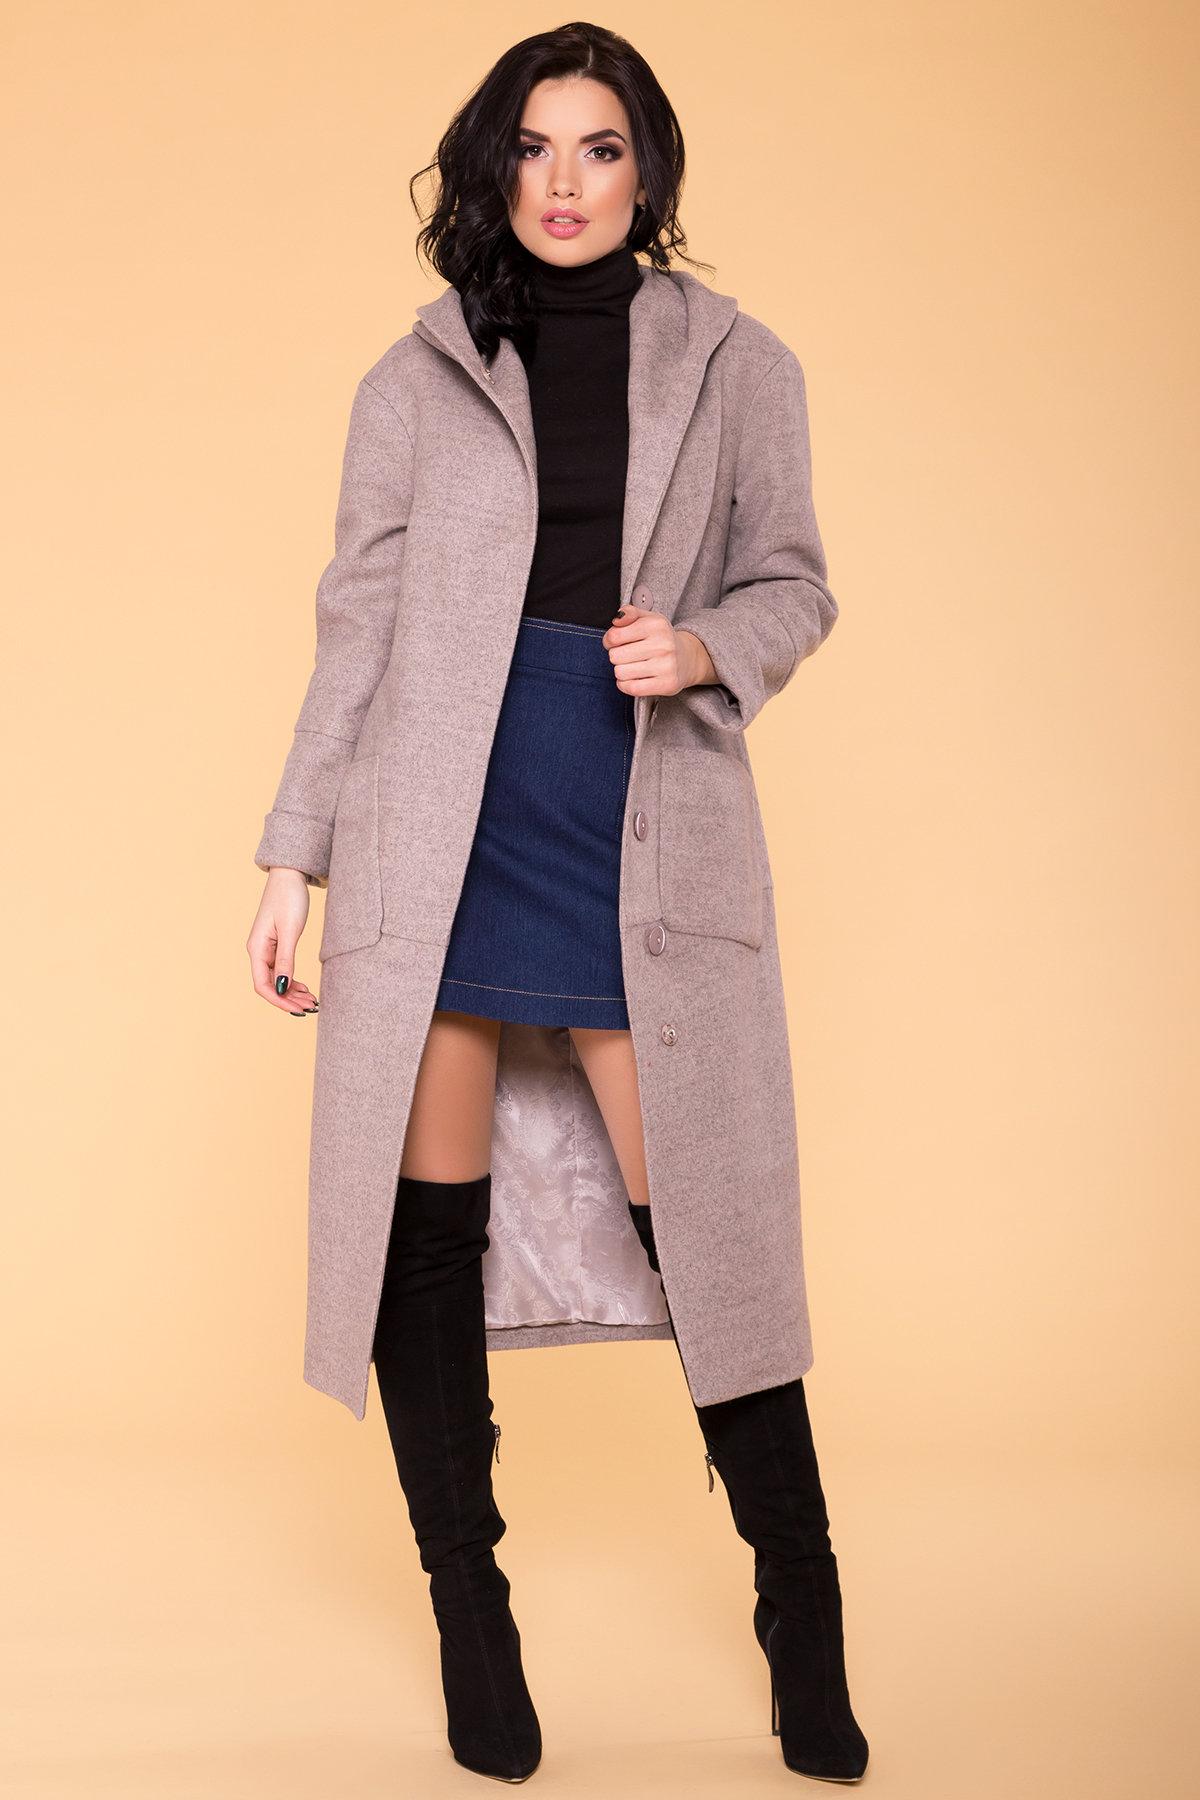 Пальто Анита 5325 АРТ. 37331 Цвет: Бежевый 31 - фото 3, интернет магазин tm-modus.ru